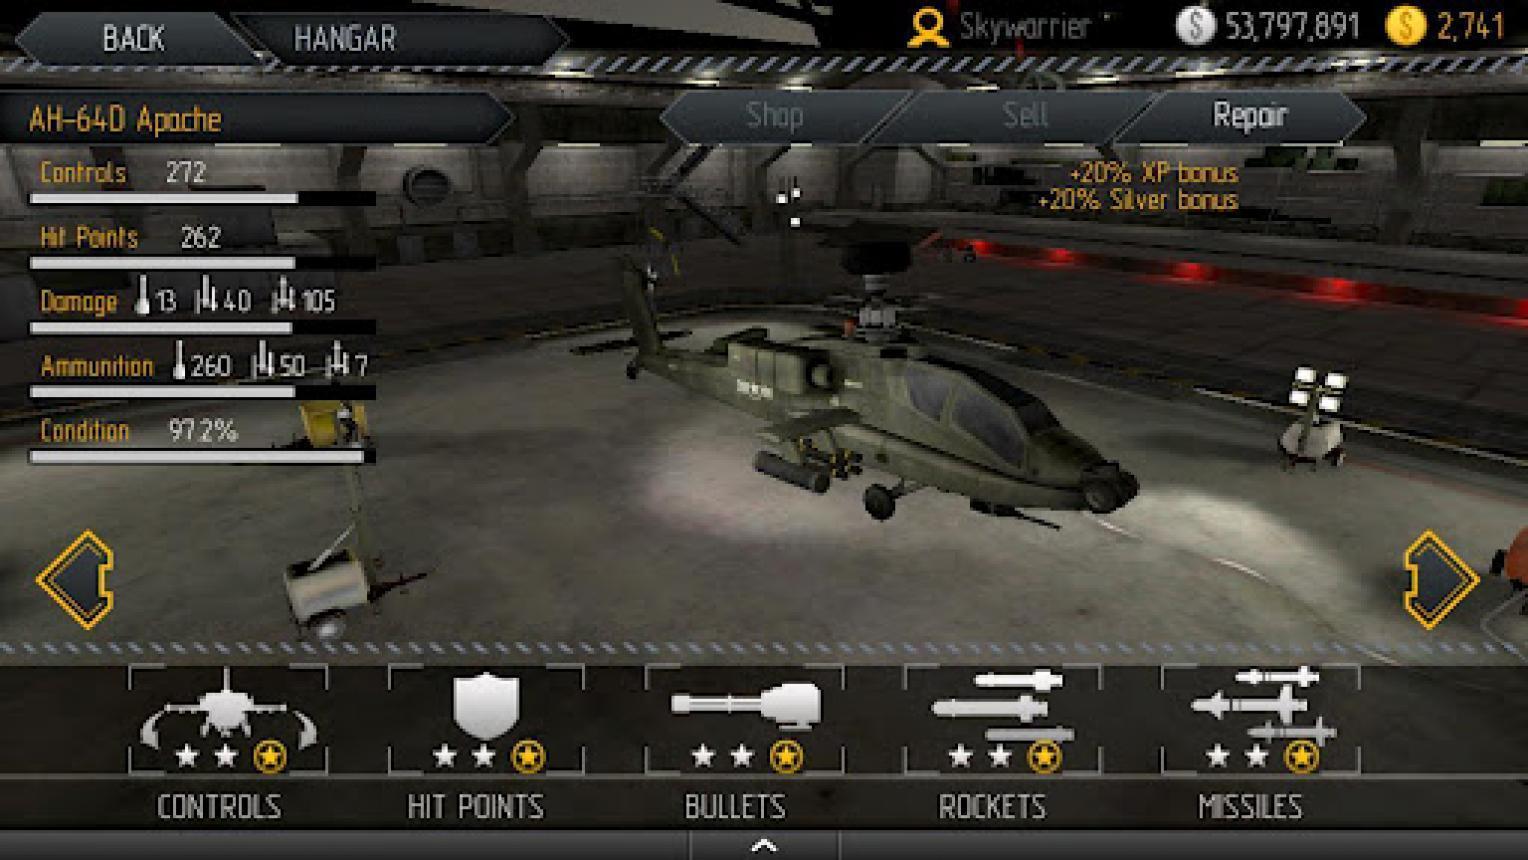 手机直升机游戏排行榜